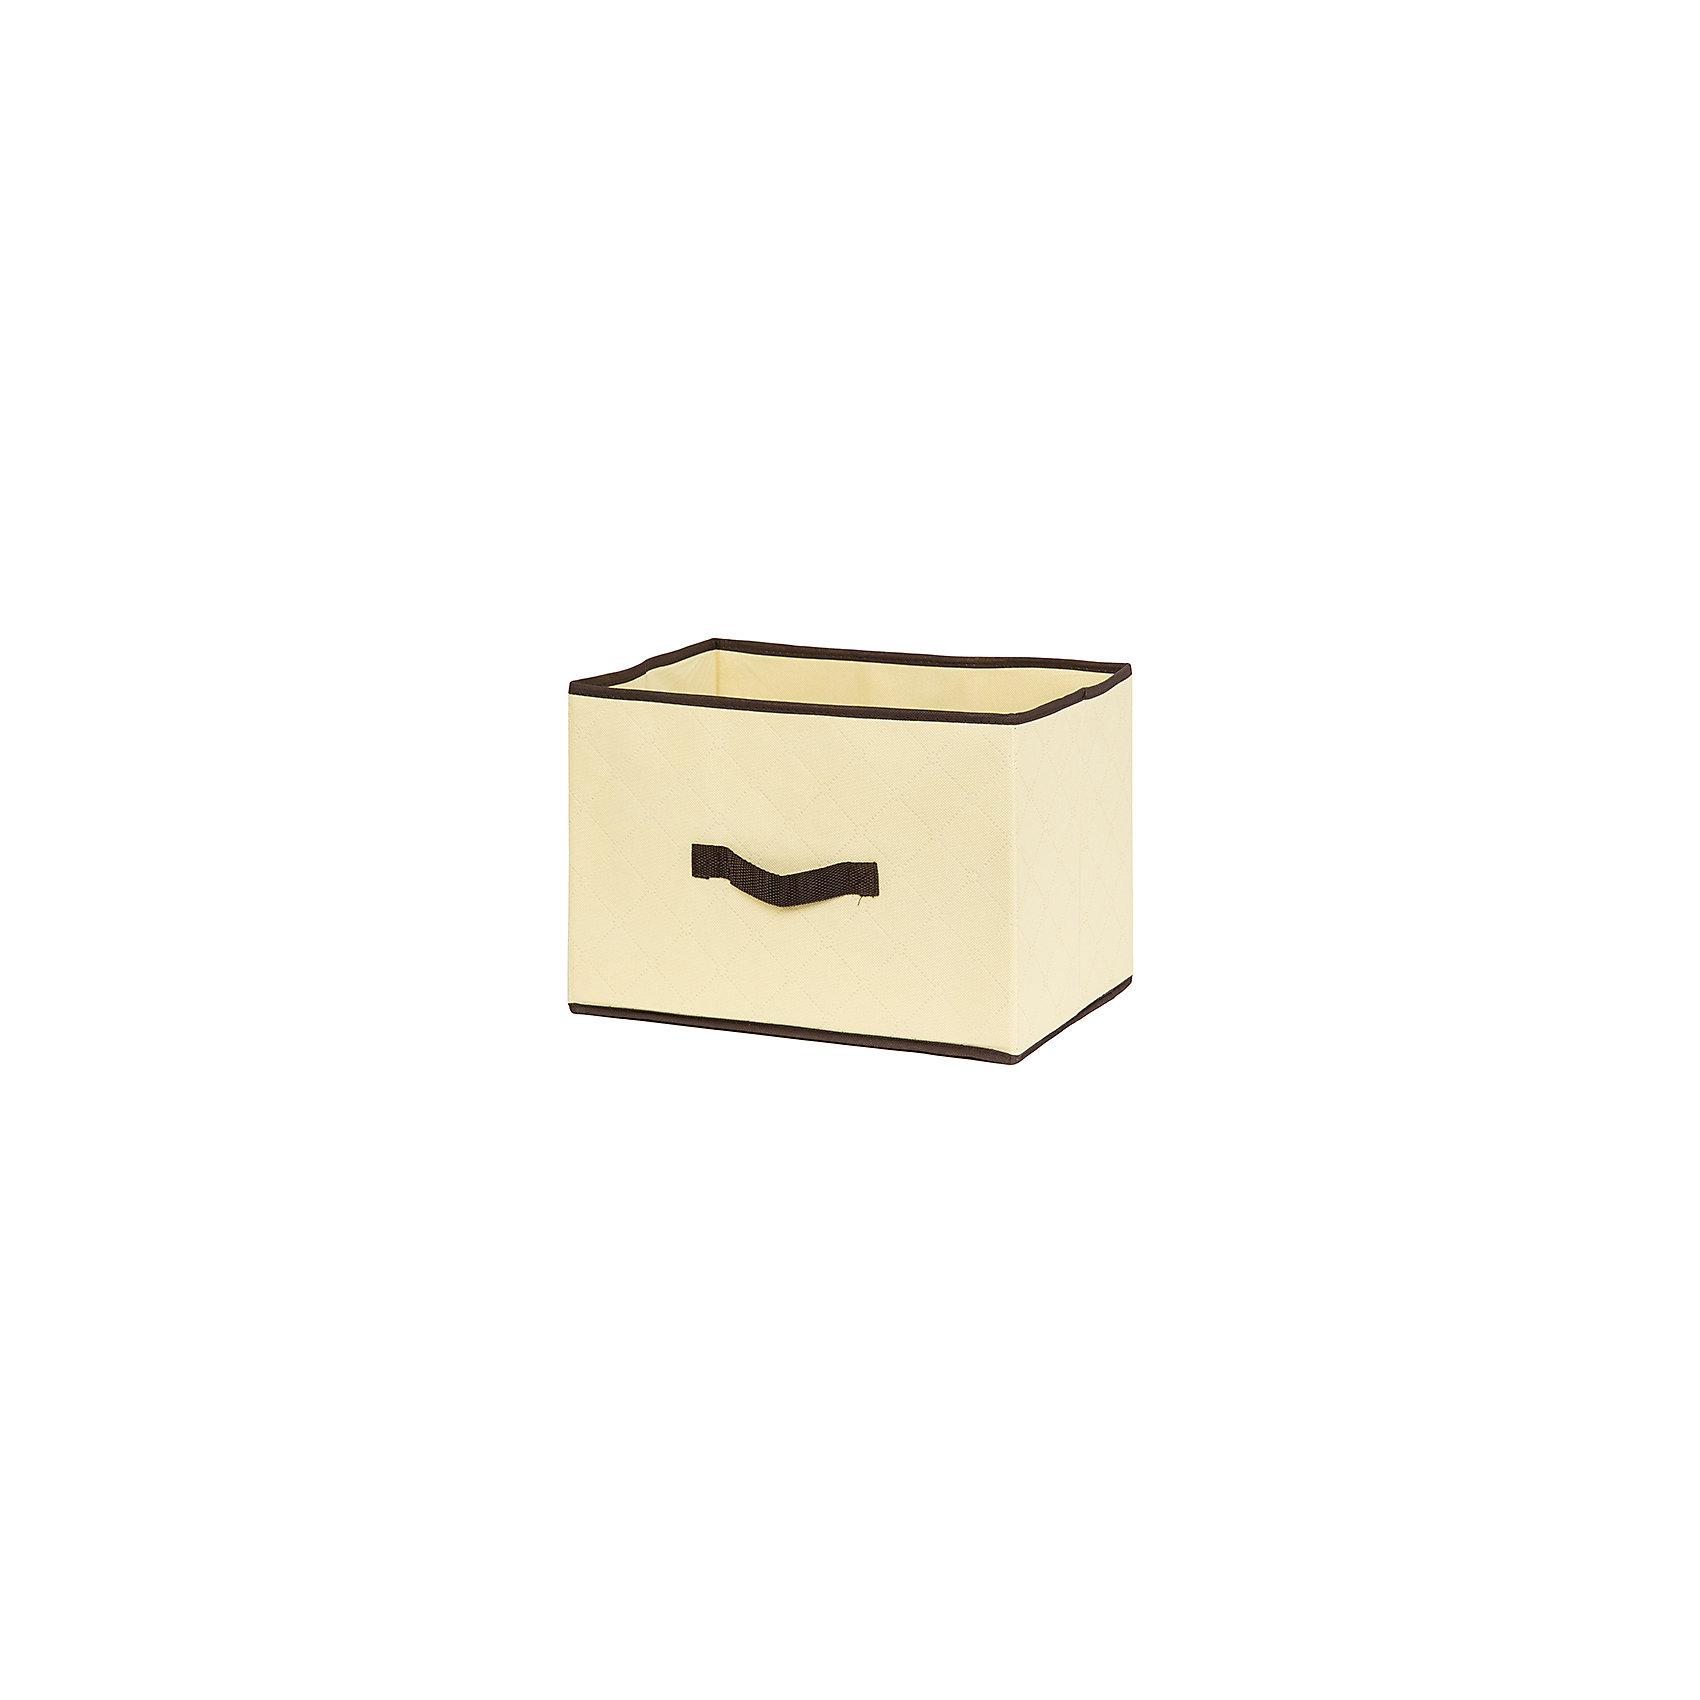 Кофр складной для хранения 35*25*25 см. Геометрия стиля, EL Casa, молочныйПорядок в детской<br>Кофр  с жестким каркасом для хранения. Благодаря  специальным вставкам, кофр прекрасно держит форму, а эстетичный дизайн гармонично смотрится в любом интерьере. В нем можно хранить всевозможные предметы: книги, игрушки, рукоделие. Для быстрого доступа и экономии пространства  кофр без крышки и с 2 ручками.<br><br>Ширина мм: 350<br>Глубина мм: 250<br>Высота мм: 35<br>Вес г: 585<br>Возраст от месяцев: 0<br>Возраст до месяцев: 1188<br>Пол: Унисекс<br>Возраст: Детский<br>SKU: 6668774